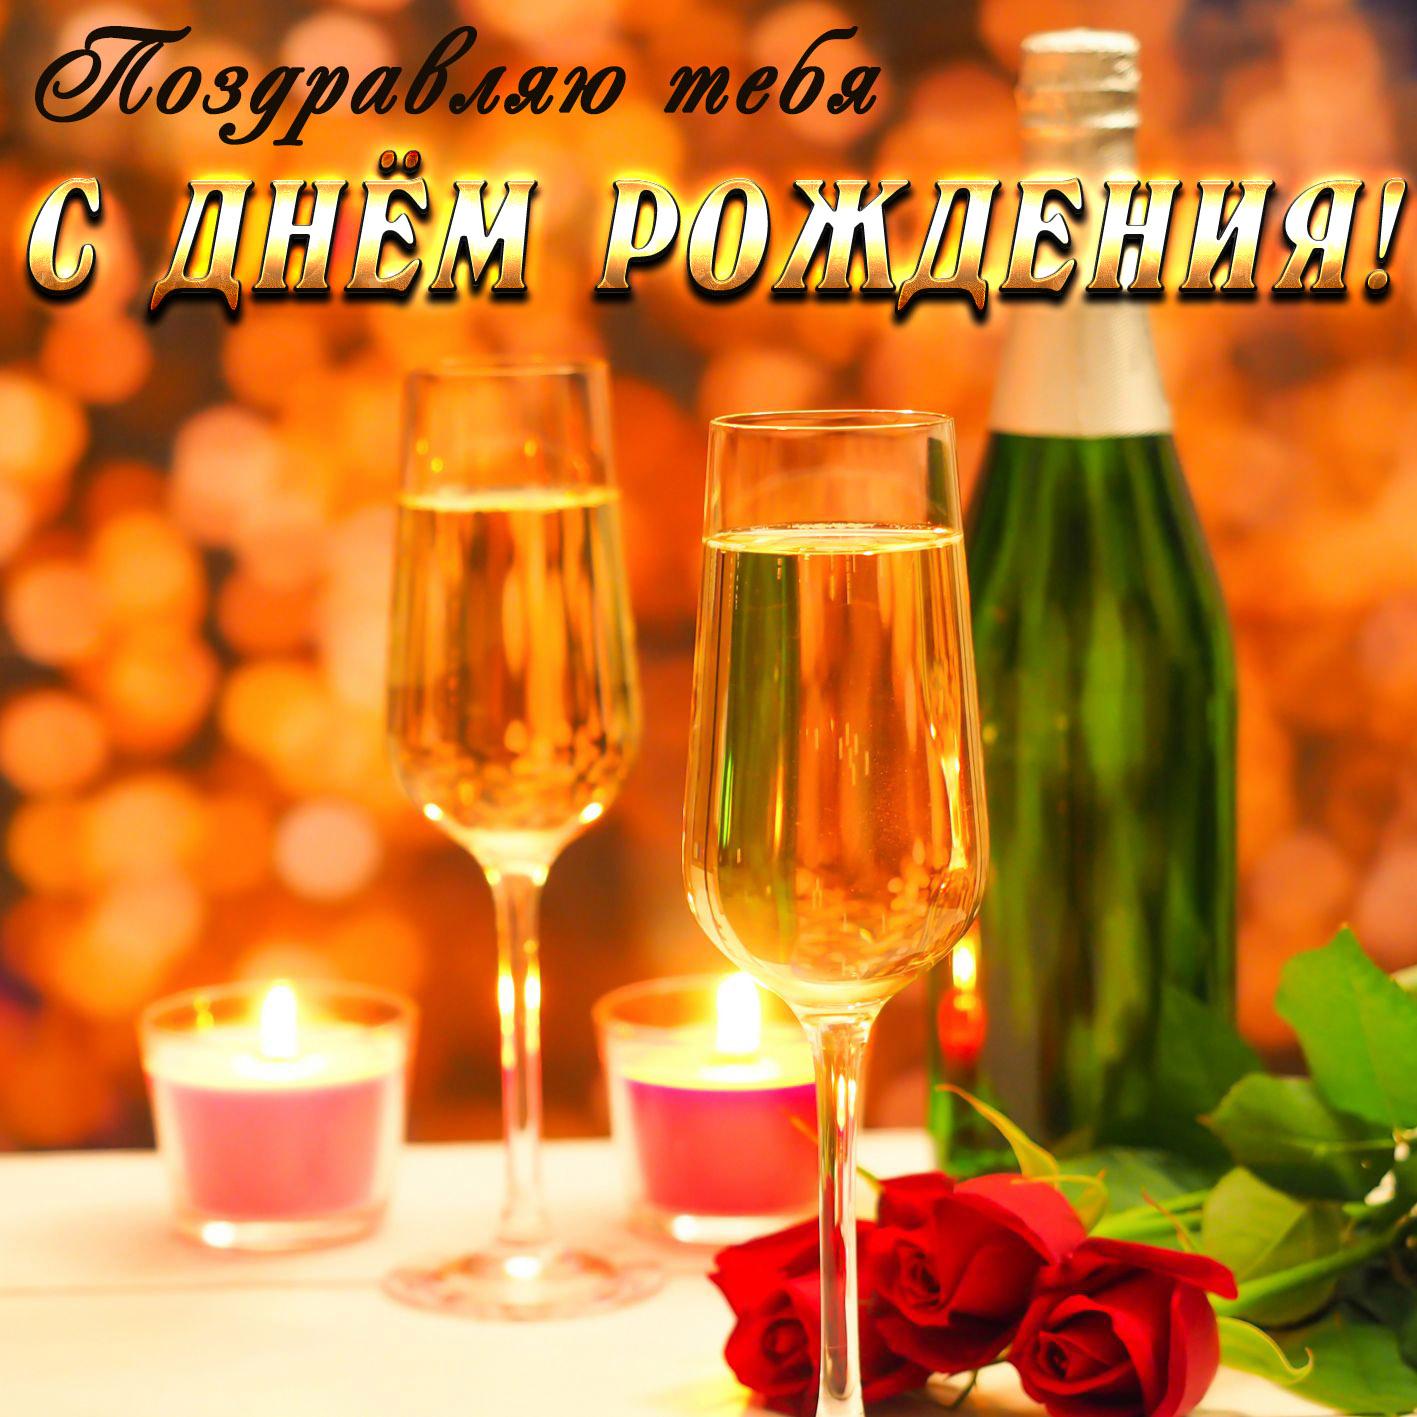 Женщине. Бокалы шампанского на золотистом фоне. Поздравляю тебя с Днём рождения!